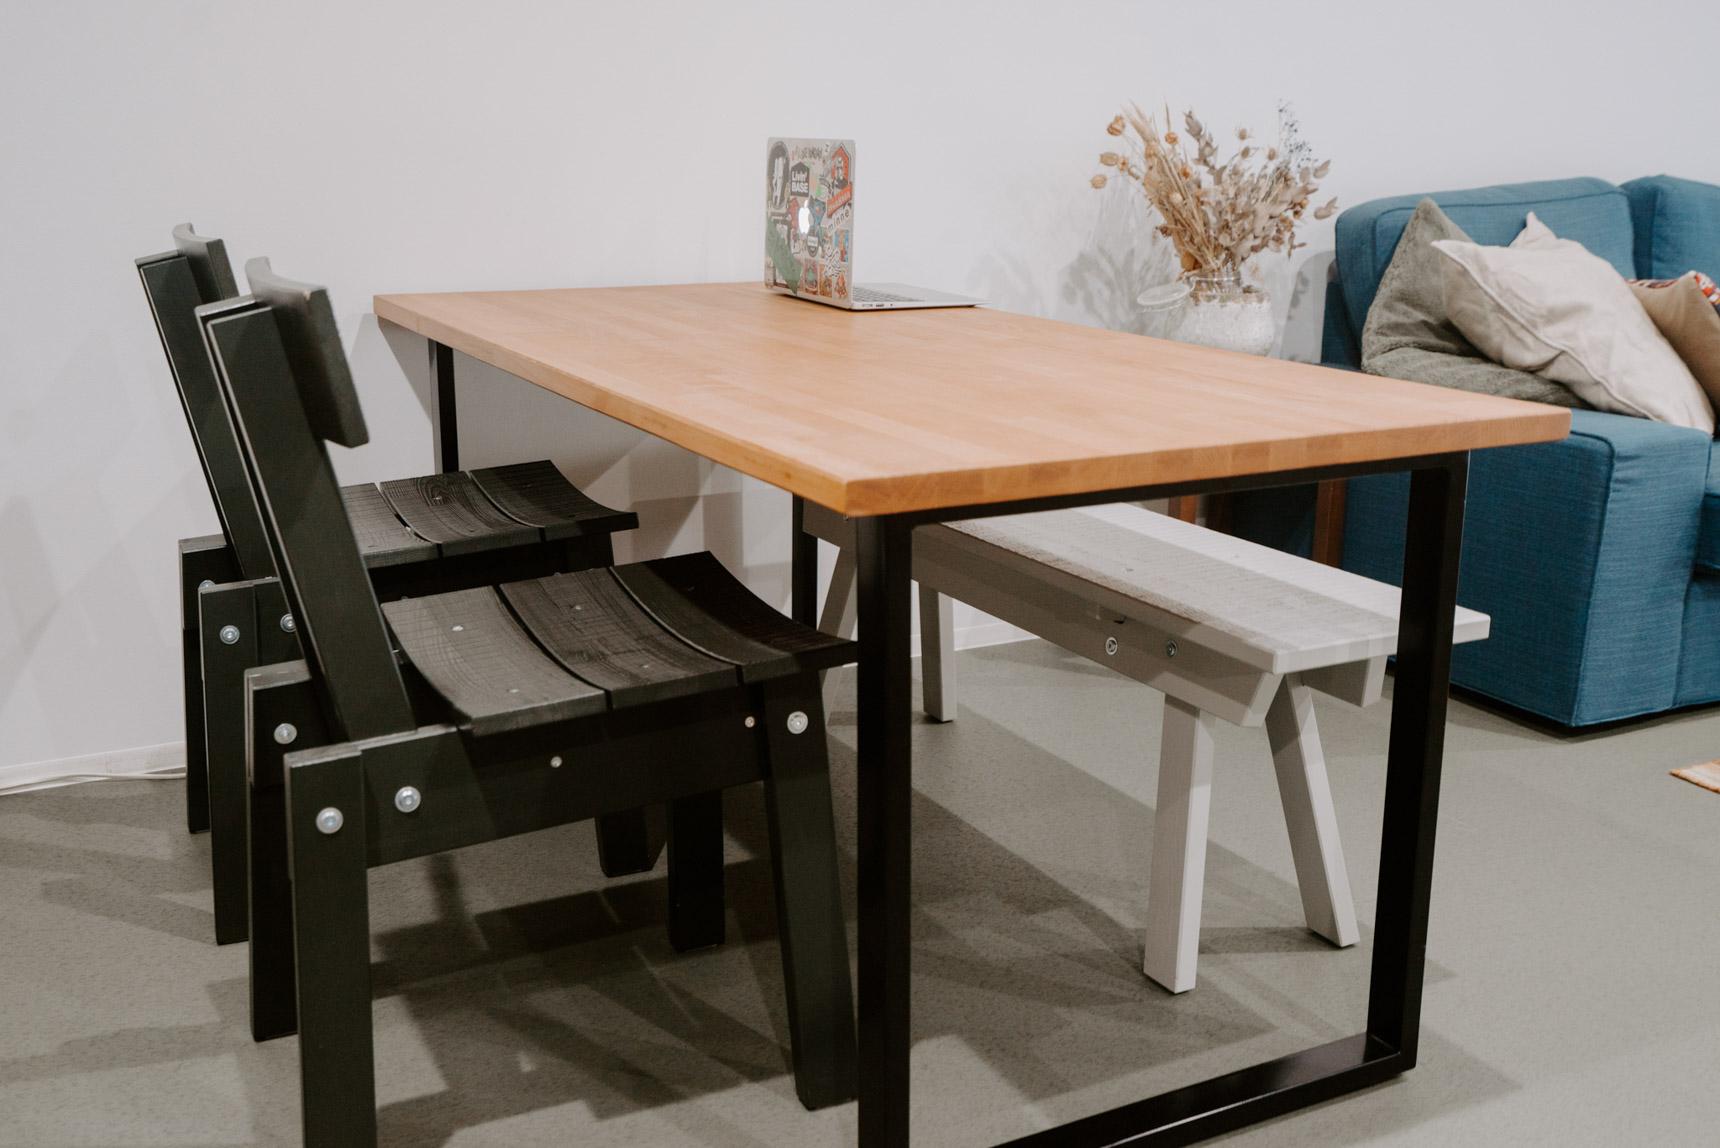 天板はIKEAで購入し、好みの脚をつけたオリジナルのテーブル。椅子は憧れていたデザイナー、ピート・ヘイン・イークとIKEAのコラボアイテム。